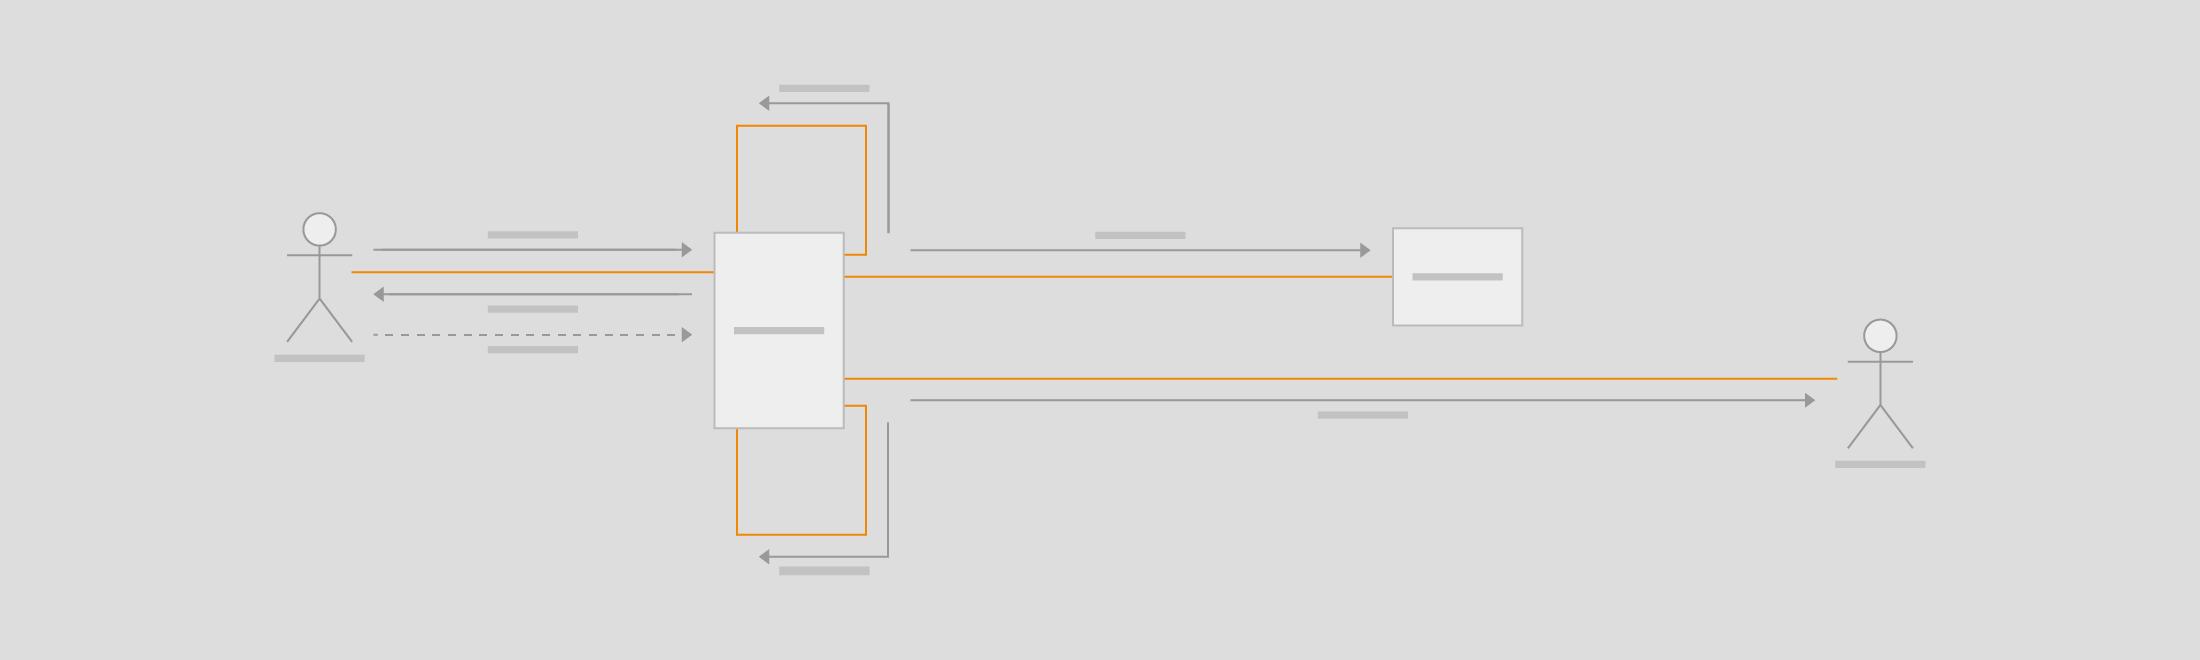 在draw.io中创建UML通信图。